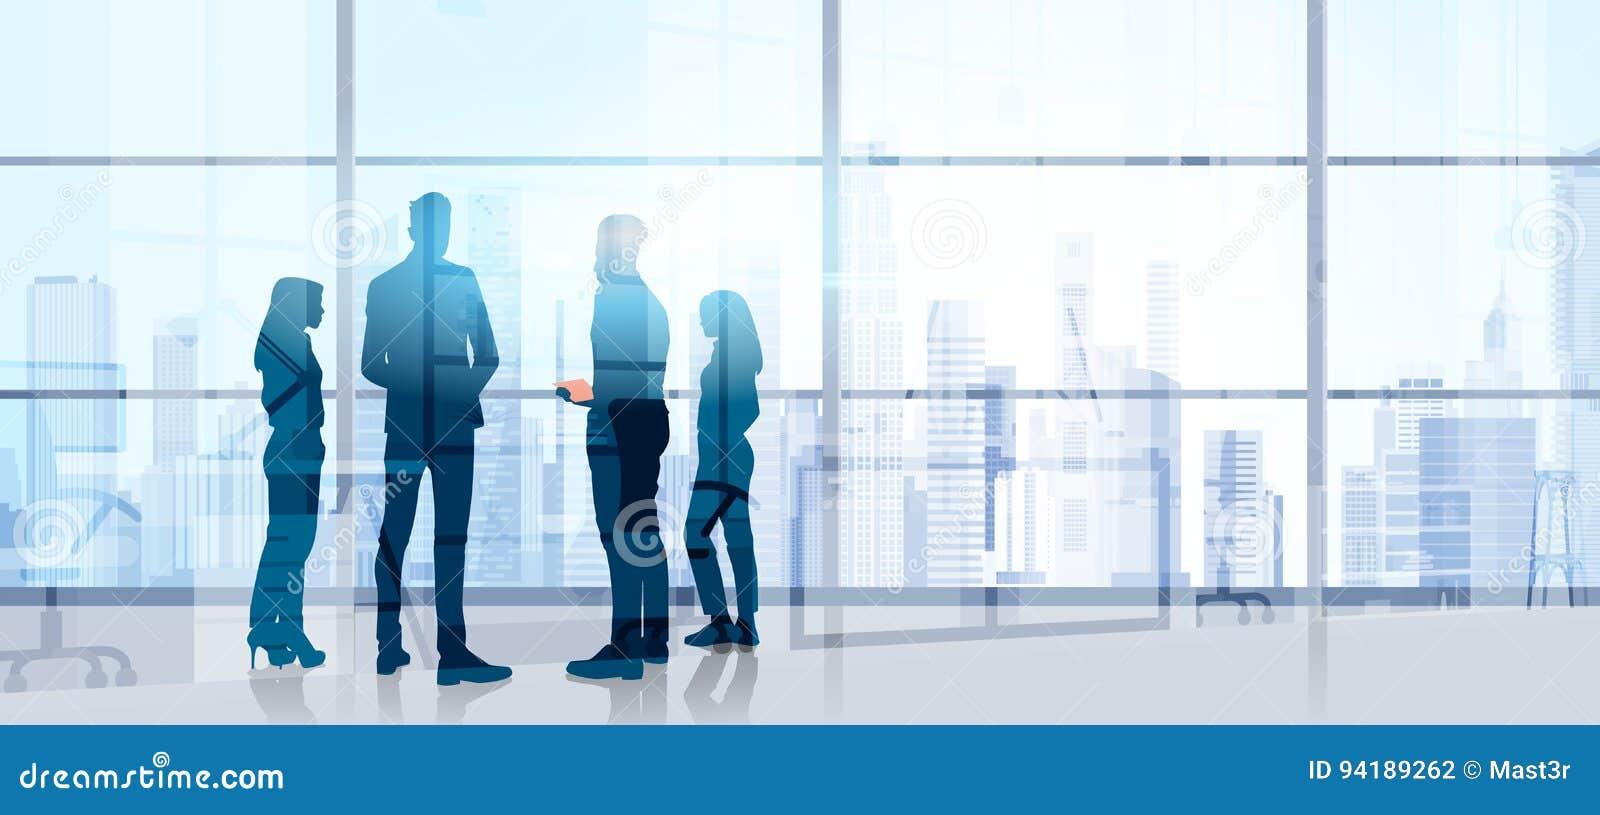 Schattenbild-Geschäftsleute Team Stand Talking Seminar Training-Konferenz-Brainstorming-im modernen Büro